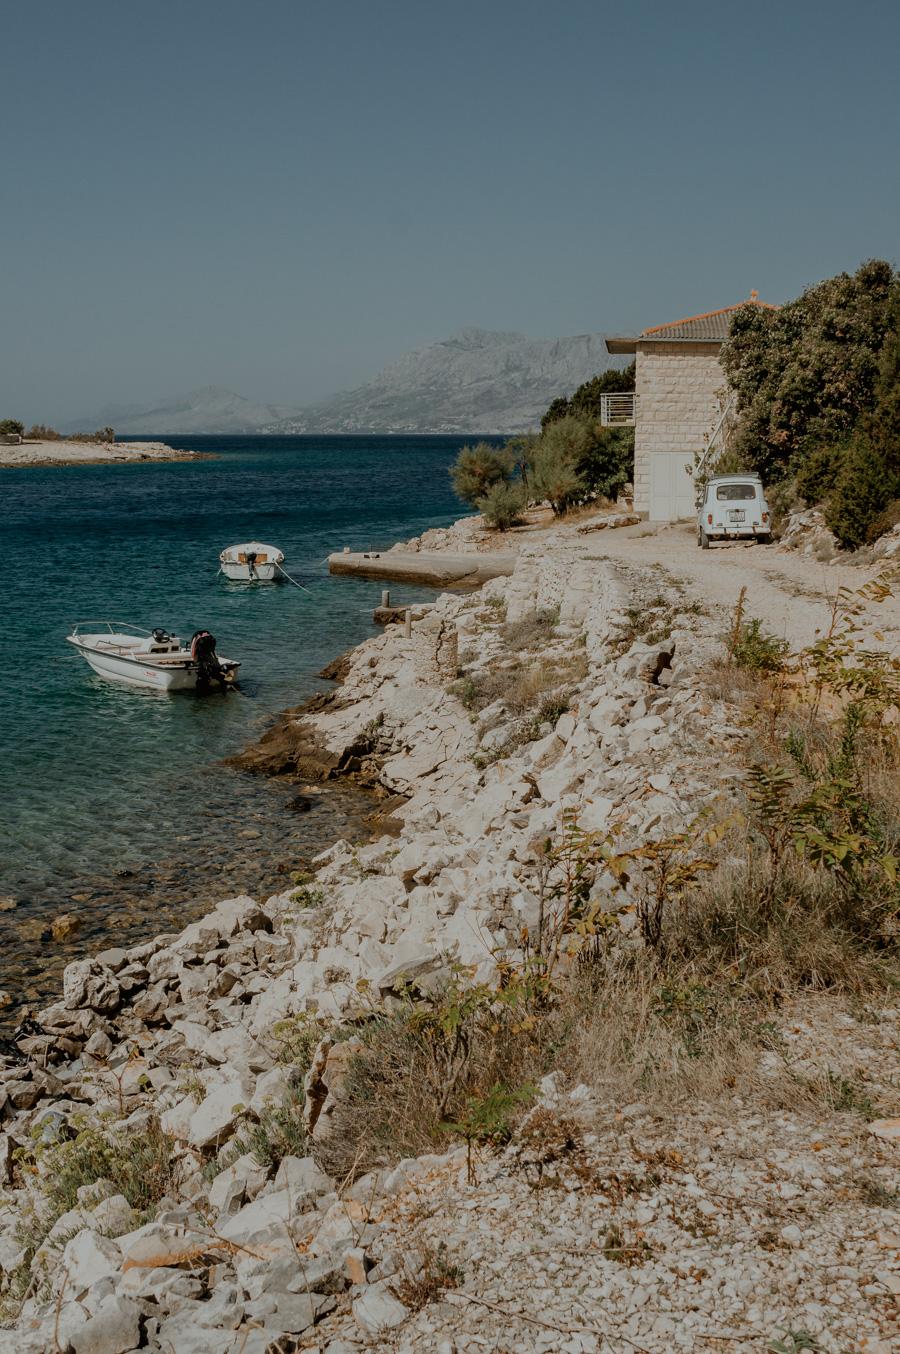 najpiękniejsza zdjęcia z Chorwacji